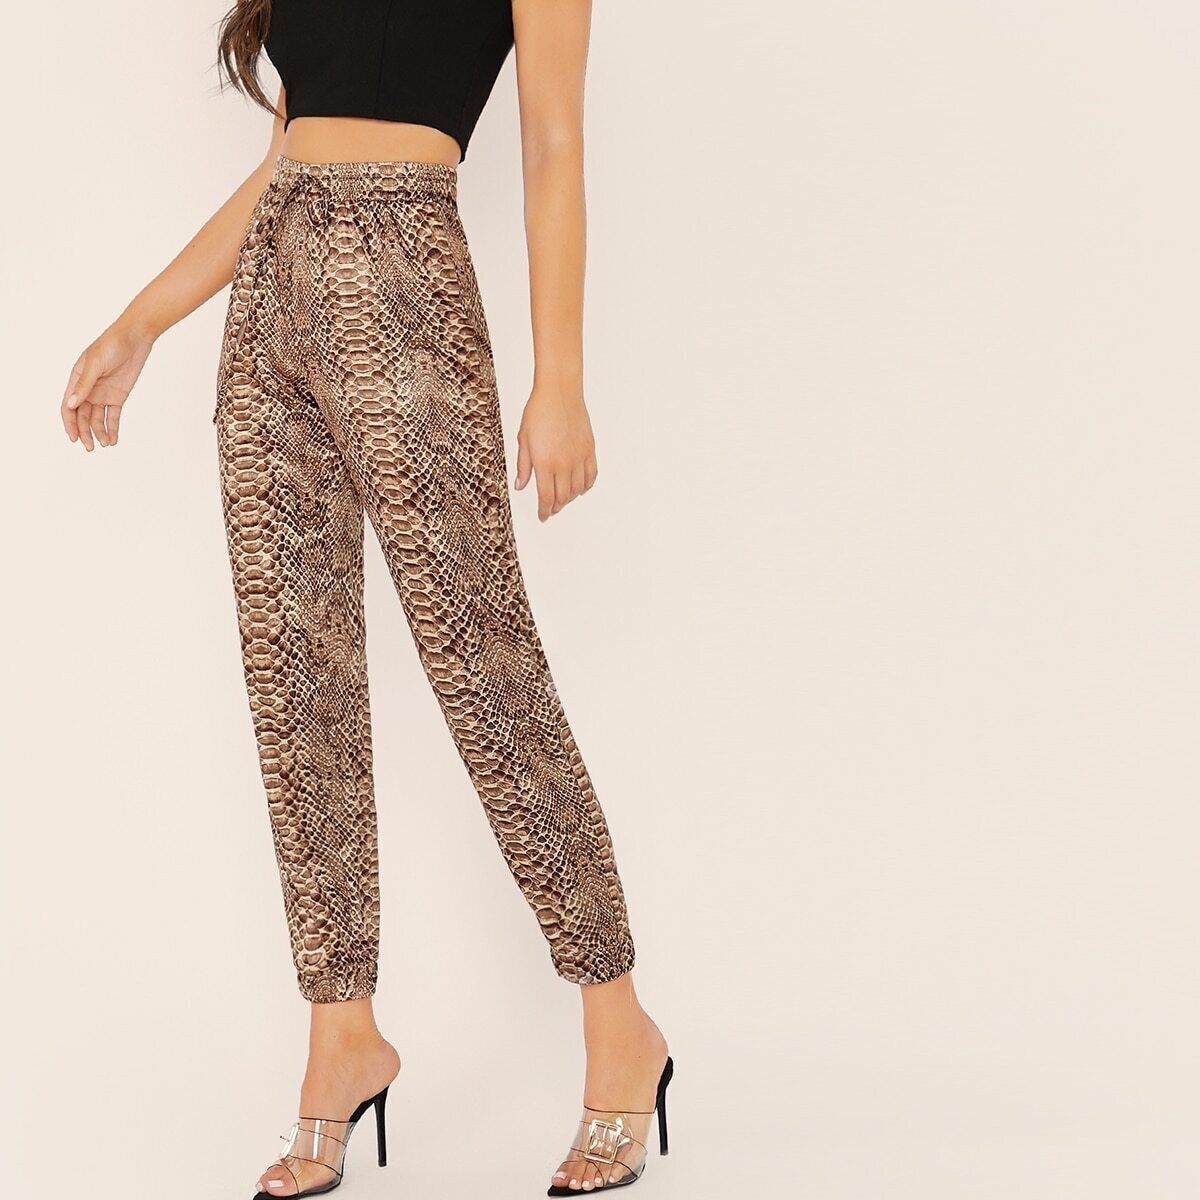 SHEIN / Pantalones con estampado de piel de serpiente de cintura con cordón